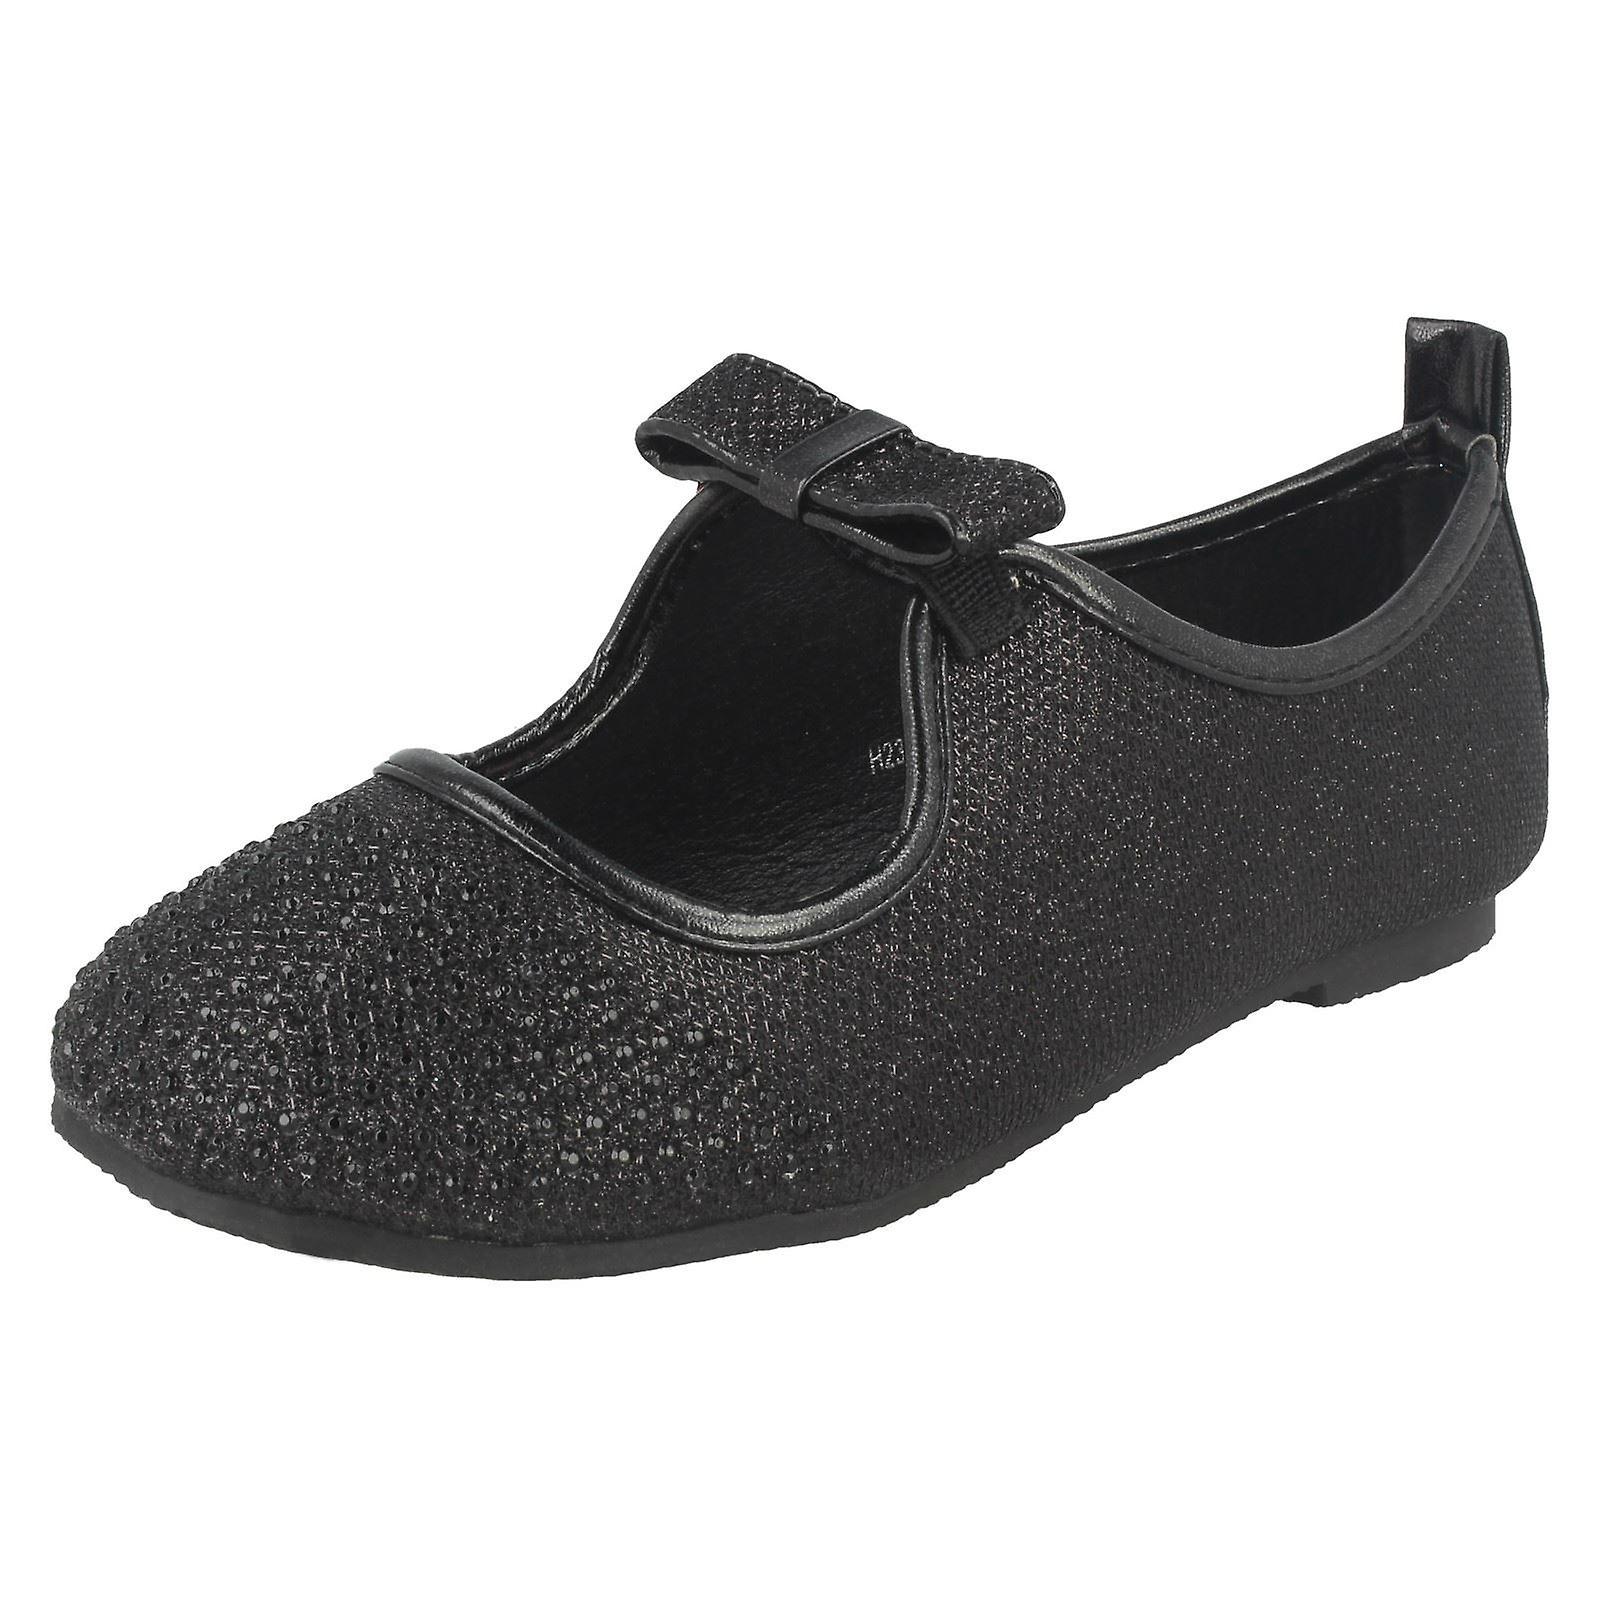 Ragazze, posto posto posto in scarpe h2306 nero taglia 7   Prezzo economico  f4918f